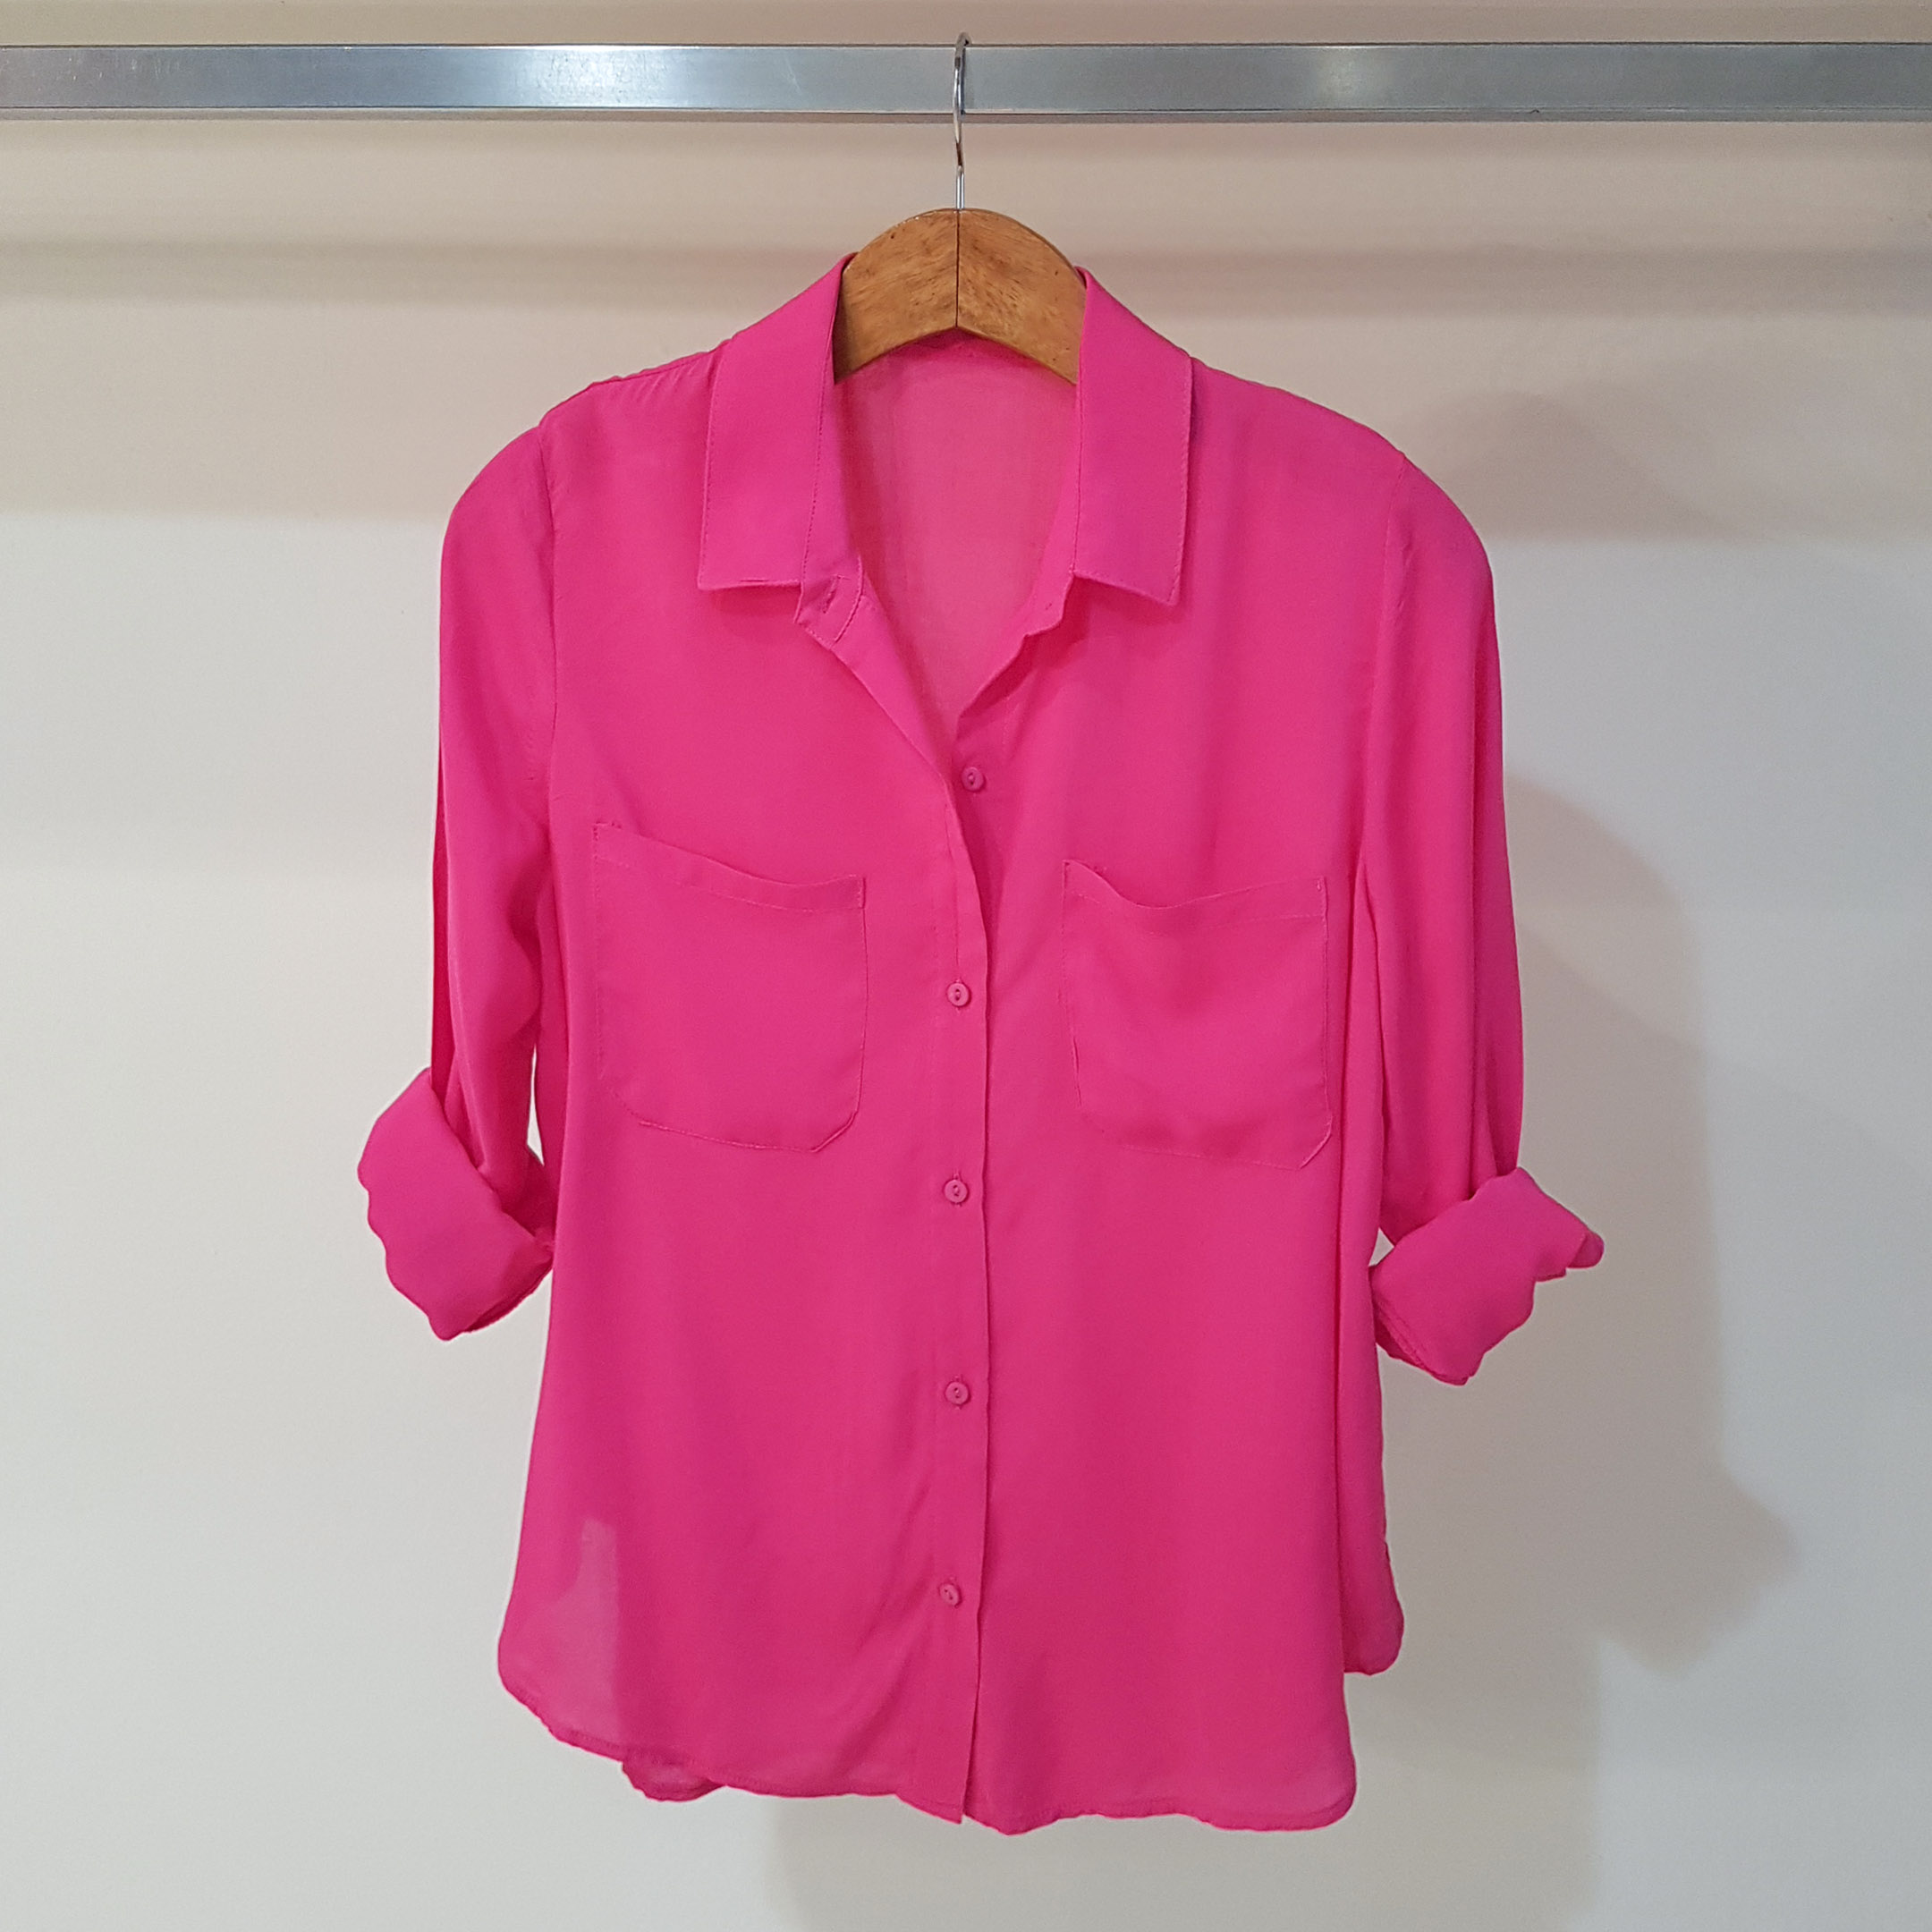 suave y ligero 50% rebajado en venta Camisa CAPRICIA - Tienda Gloria G. - Ropa de Mujer